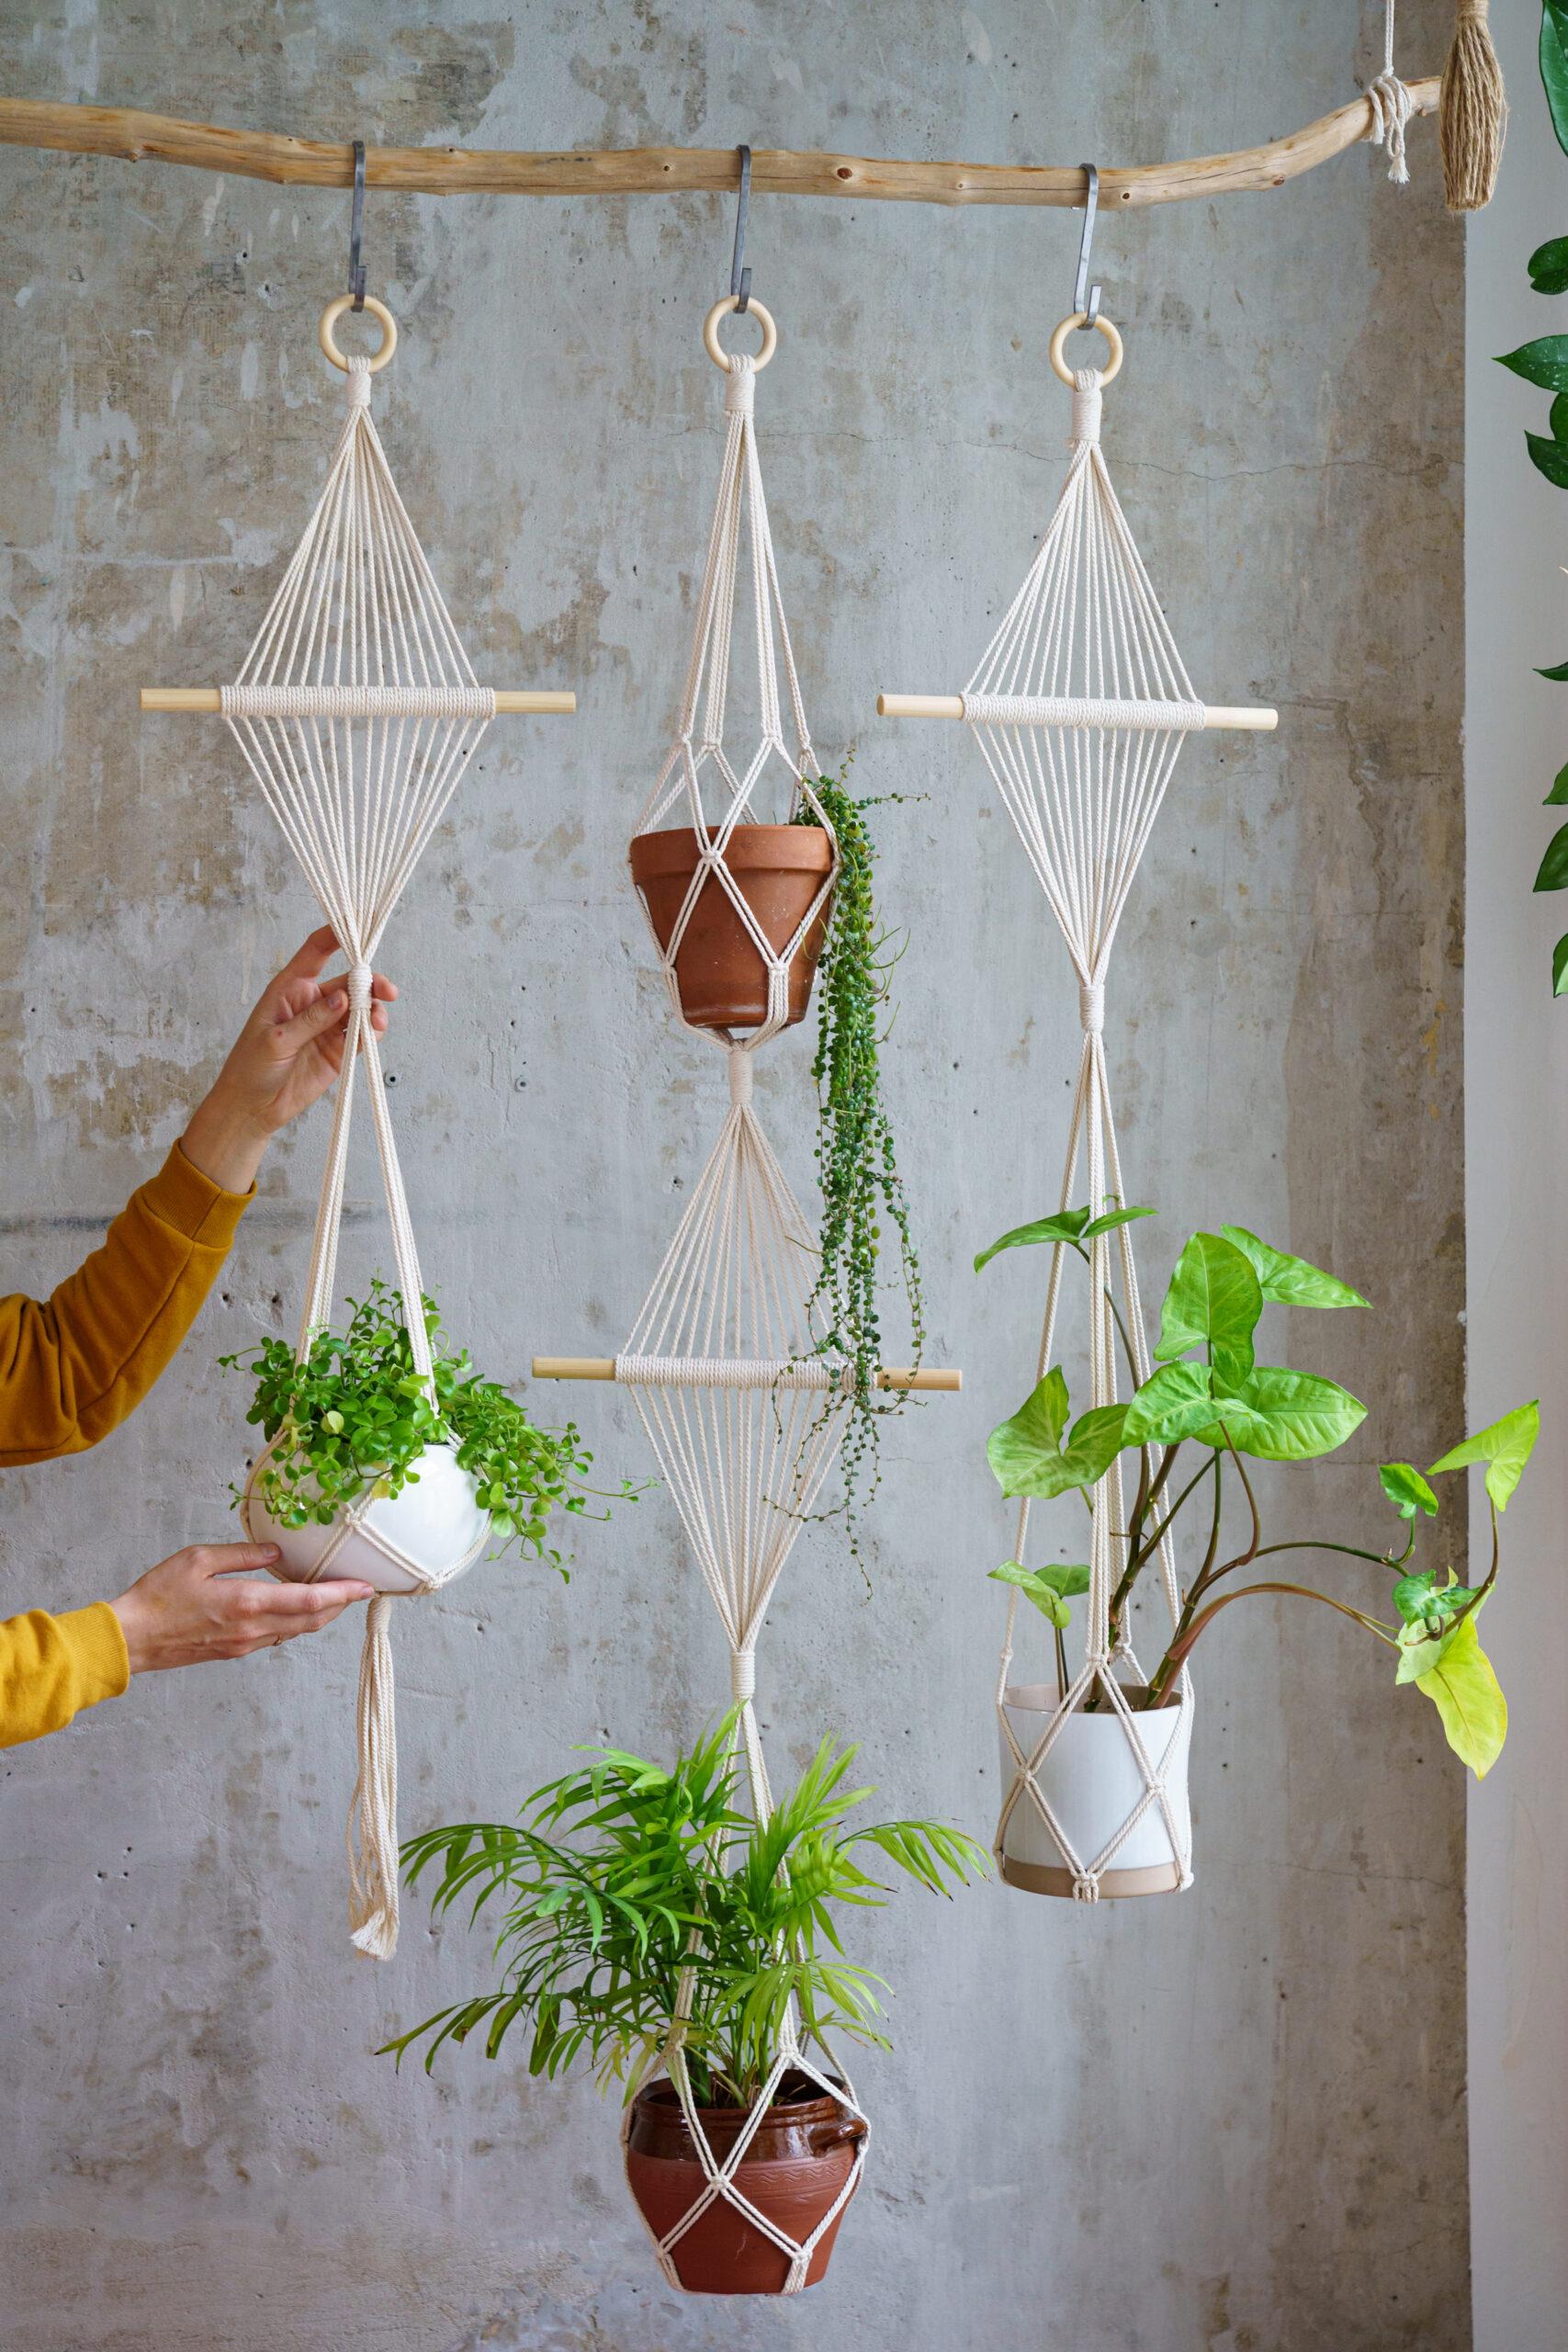 Δώστε τροπικό αέρα στο χώρο σας, προσθέτοντας φυτά κι αλλάξτε αμέσως διάθεση! 1